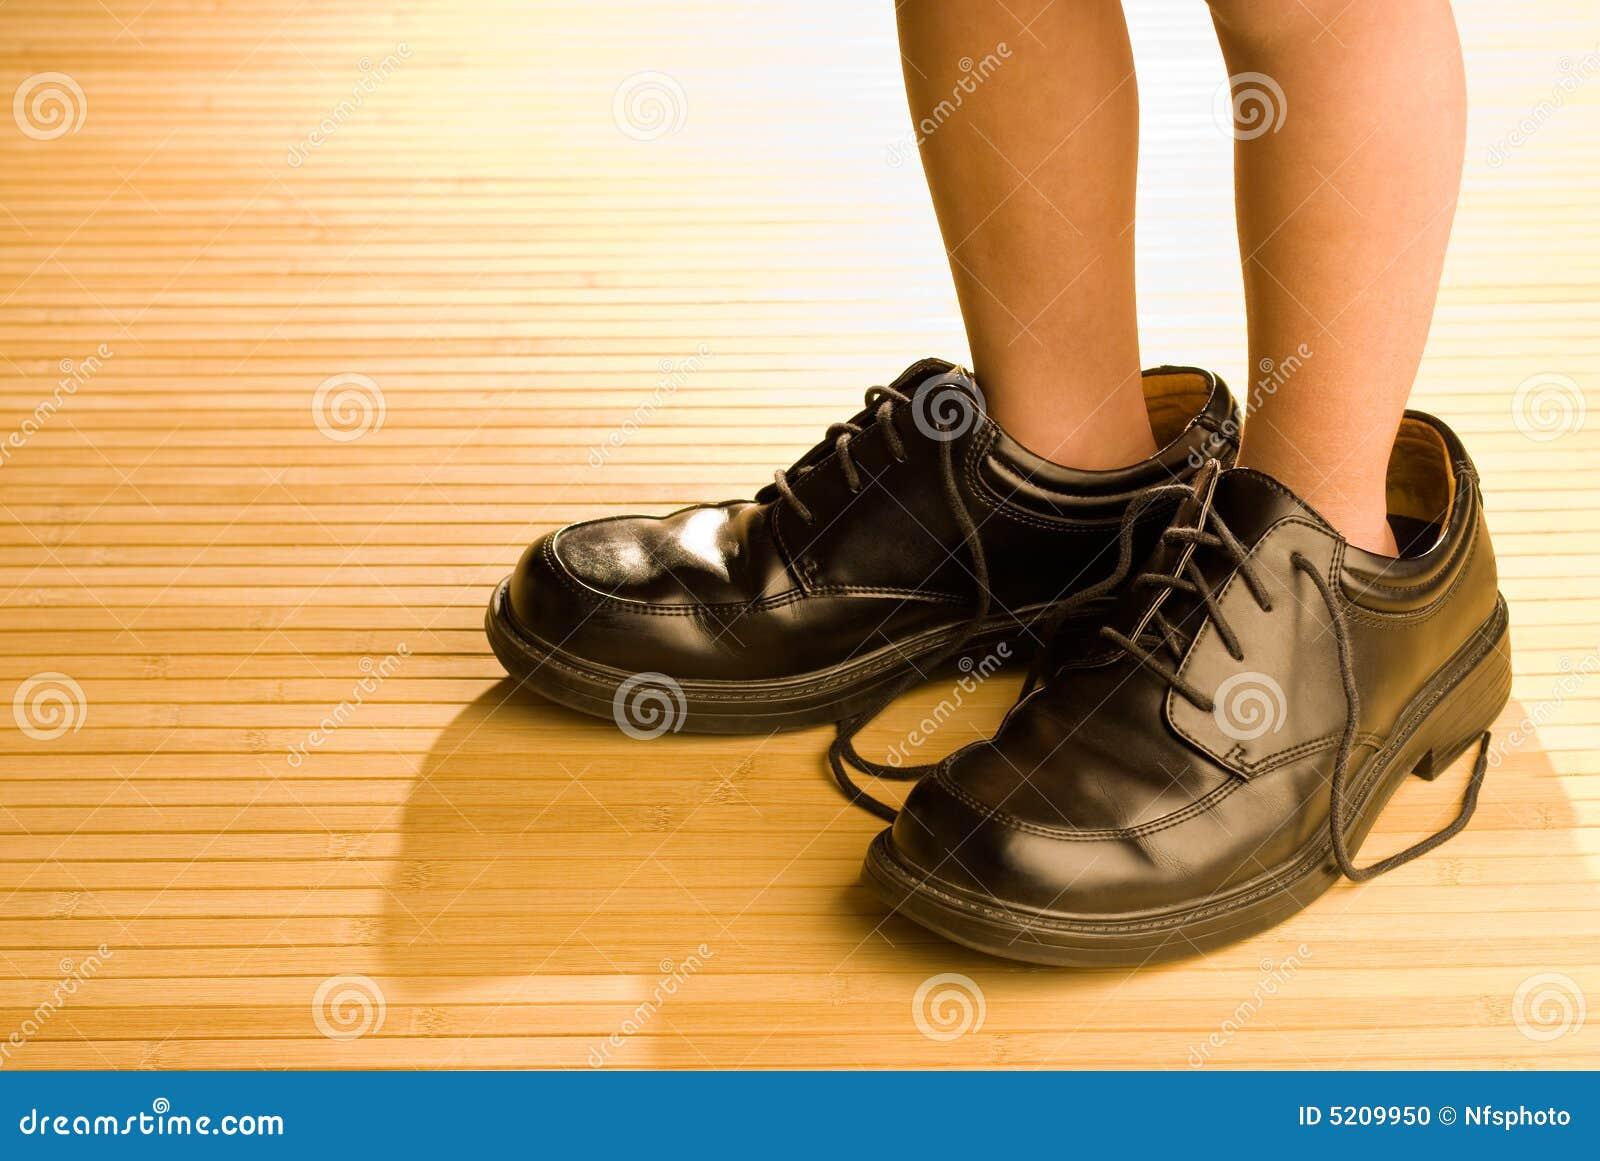 Kind Trägt Große Schuhe Stockfotos & Kind Trägt Große Schuhe